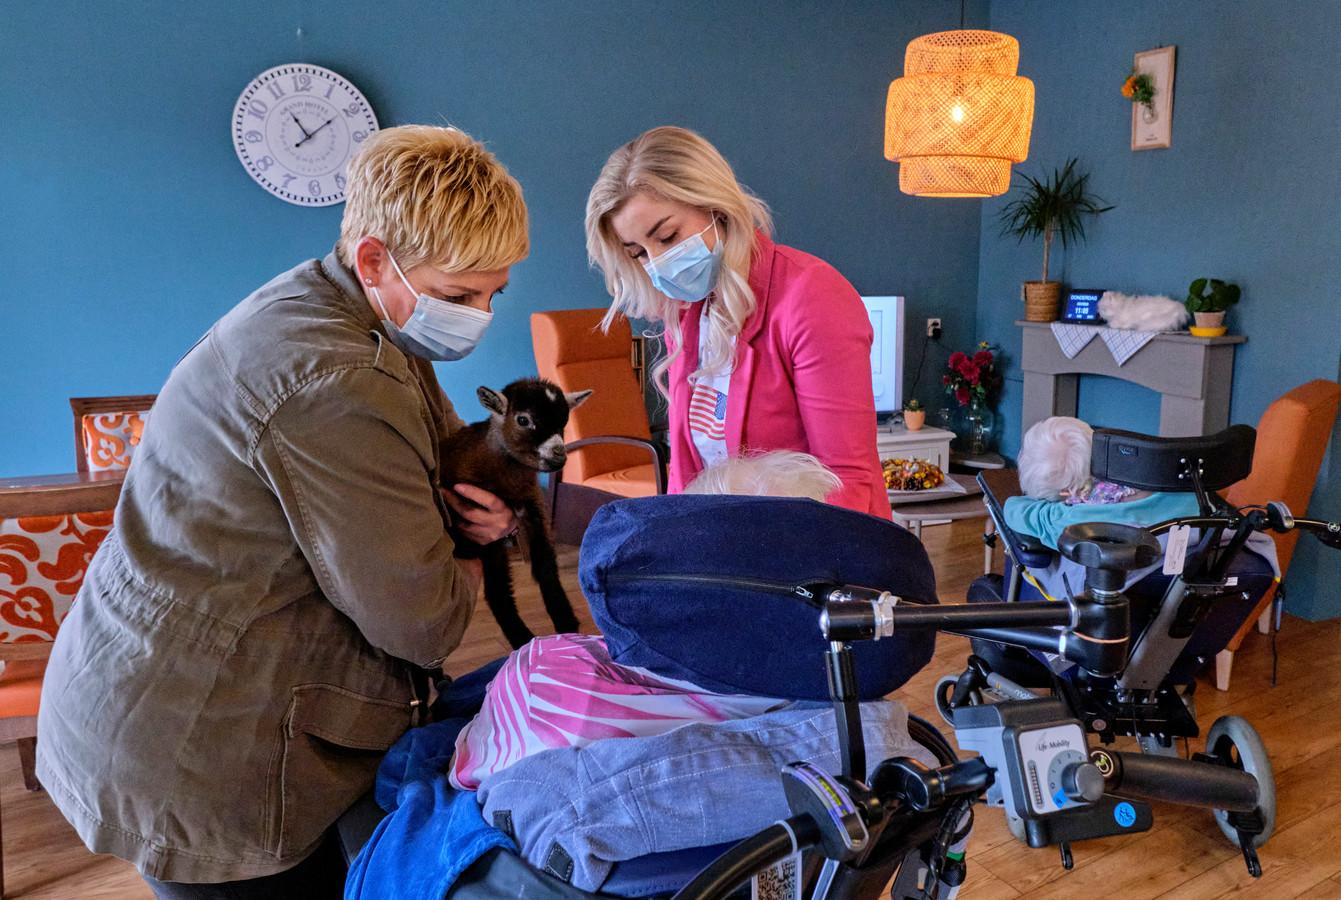 Jannie (links) en Melissa Engels (rechts) werken samen op woonzorglocatie 't Waellant. In de middag staat de activiteit 'geitjes knuffelen' op de planning bij een woongroep.